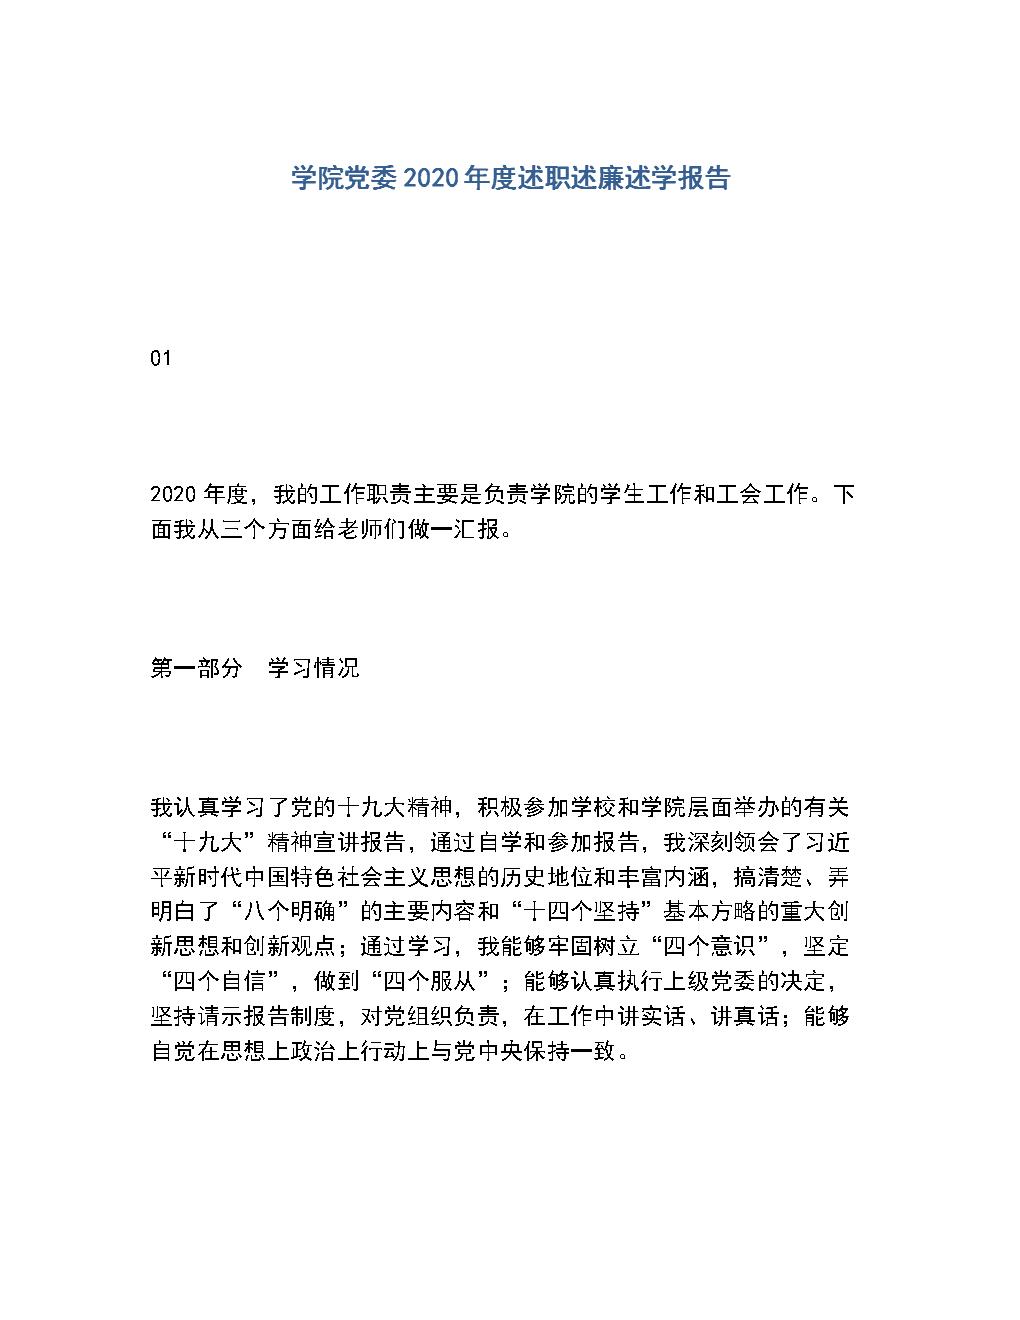 2020年學院黨委述職述廉述學報告.docx